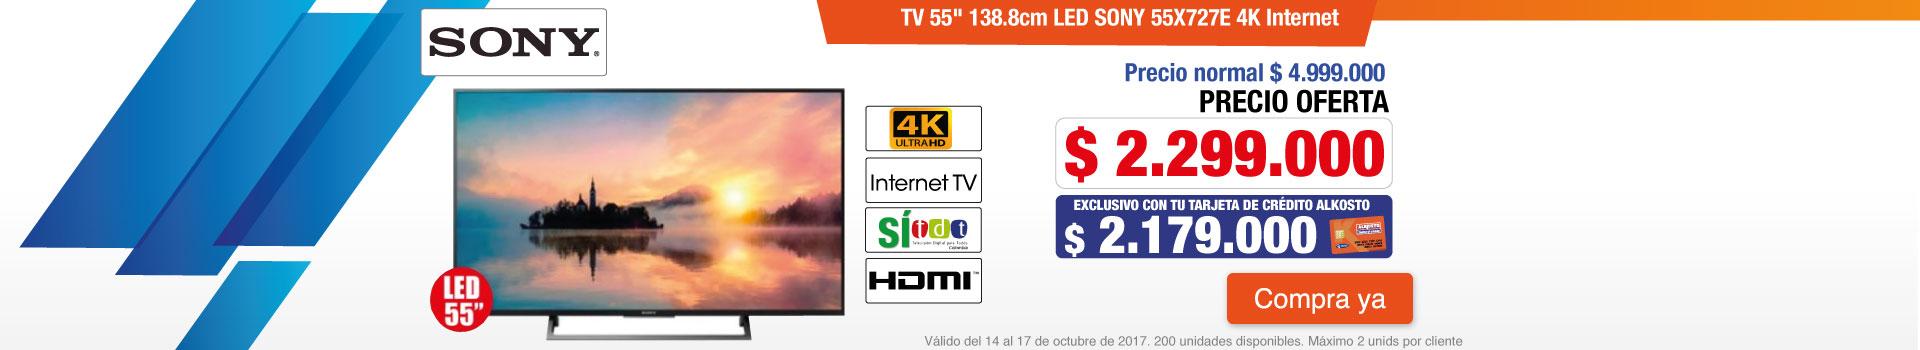 CATE AK-2-TELEVISOR SONY 55X727-TV-OCTU14-17